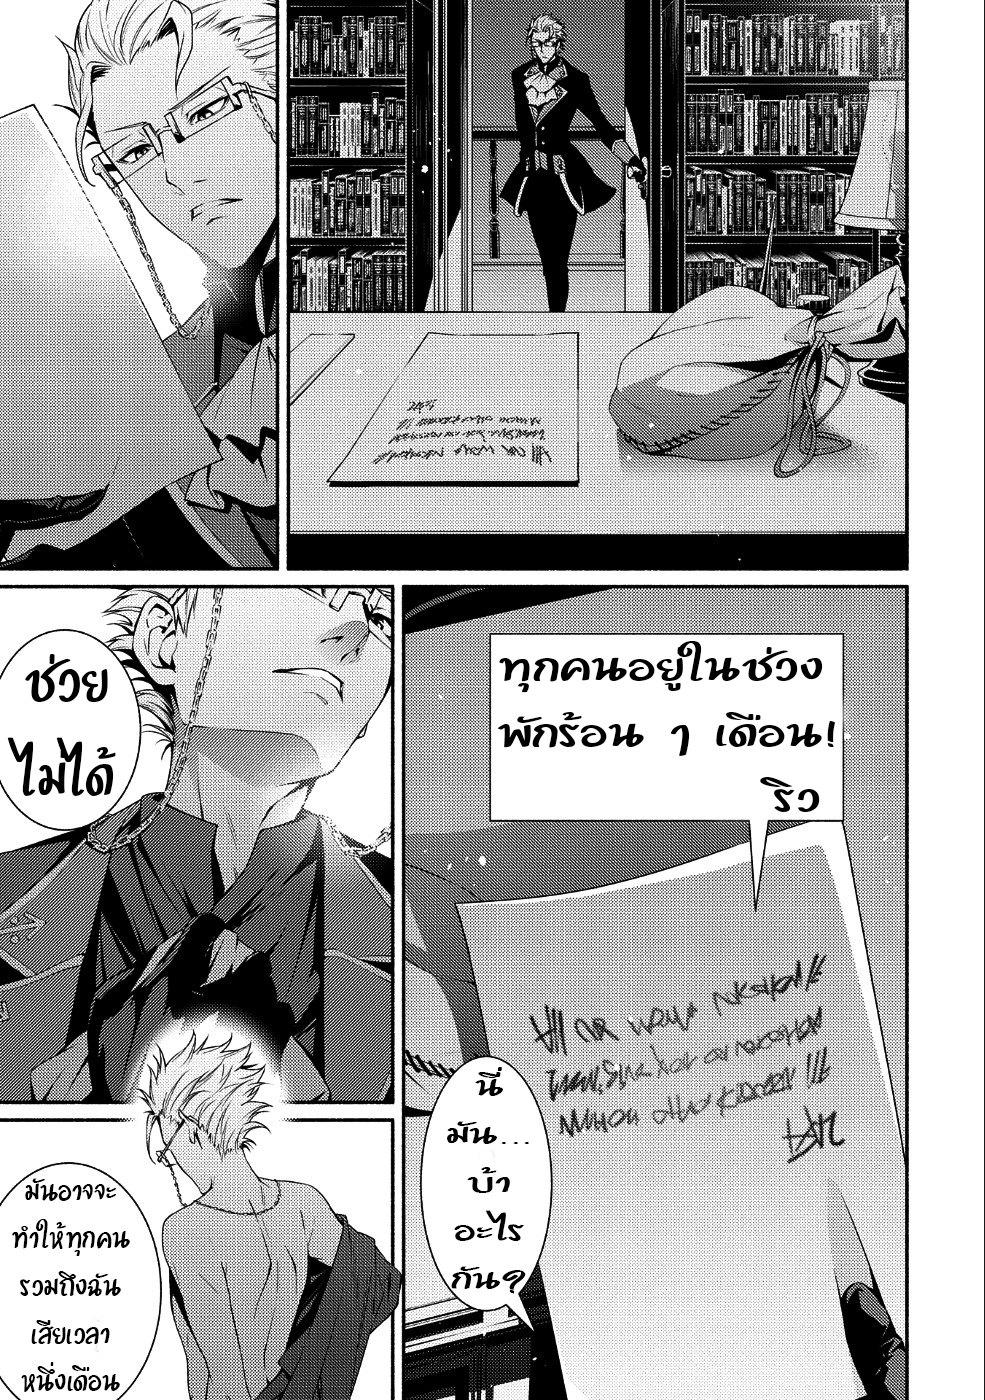 อ่านการ์ตูน Saikyou Party no Zatsuyougakari Ossan wa Muriyari Kyuuka o Tora Sareta you desu ตอนที่ 1 หน้าที่ 14